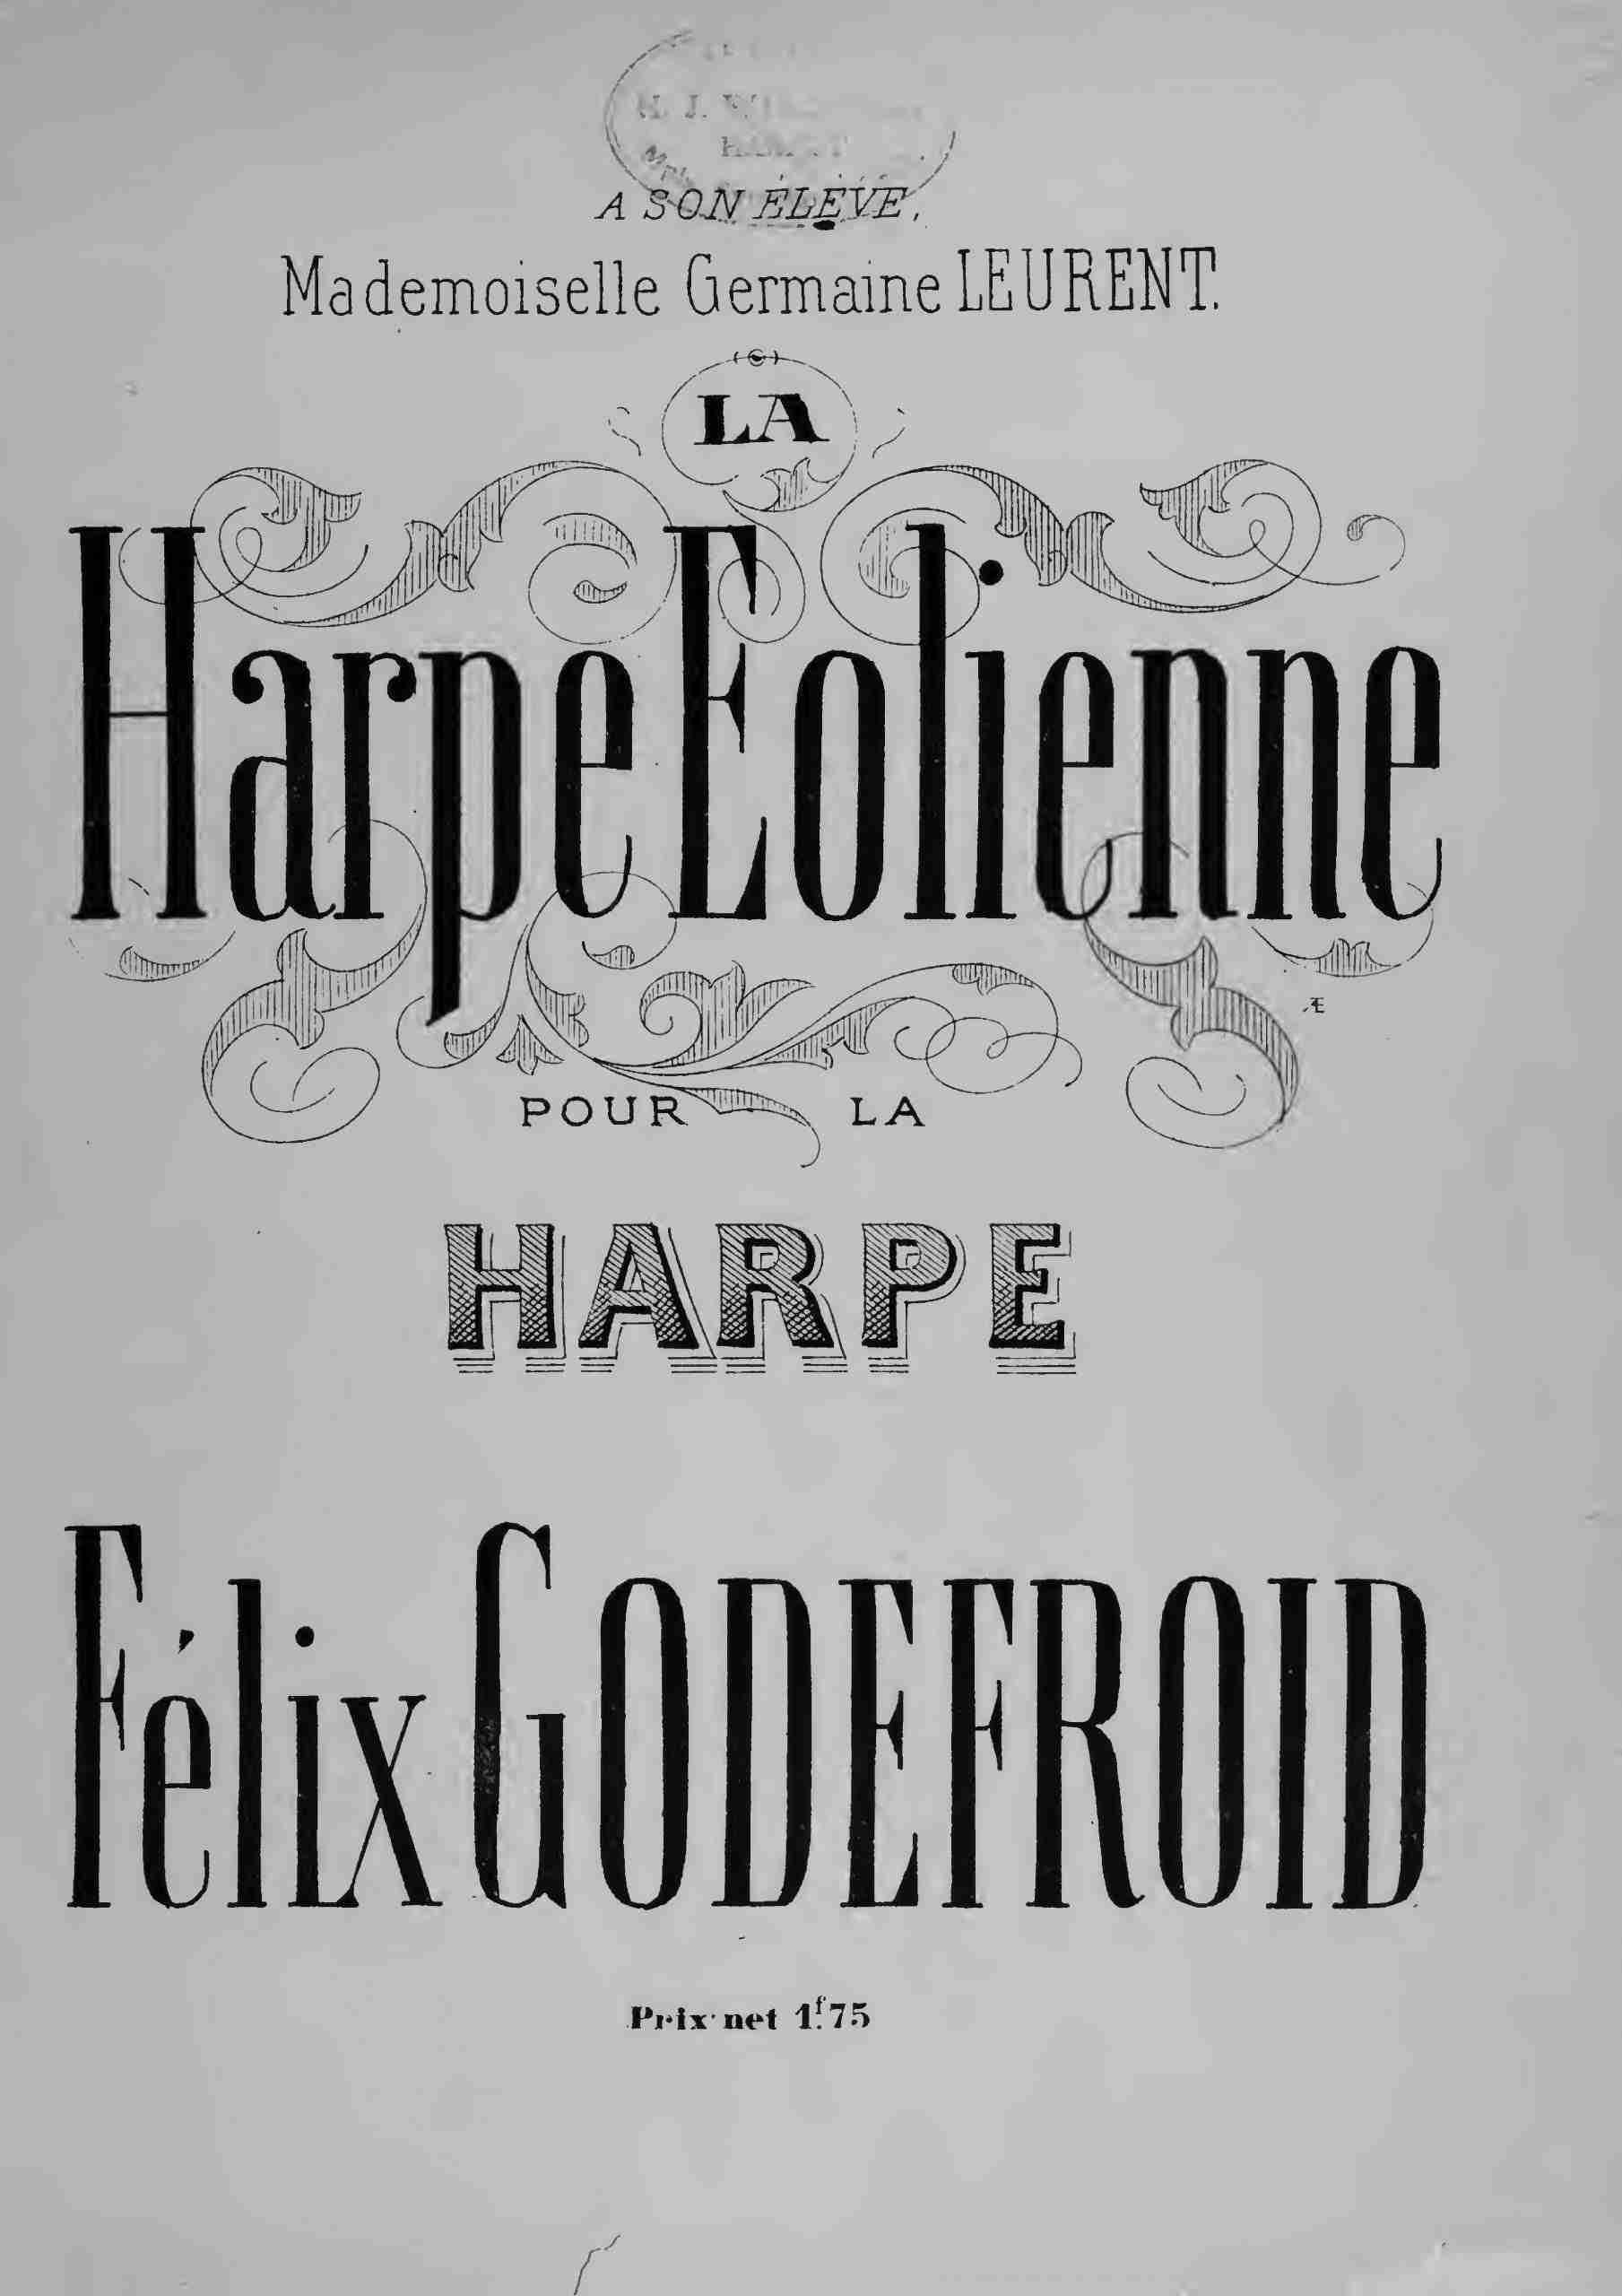 Godefroid, Félix - La harpe éolienne